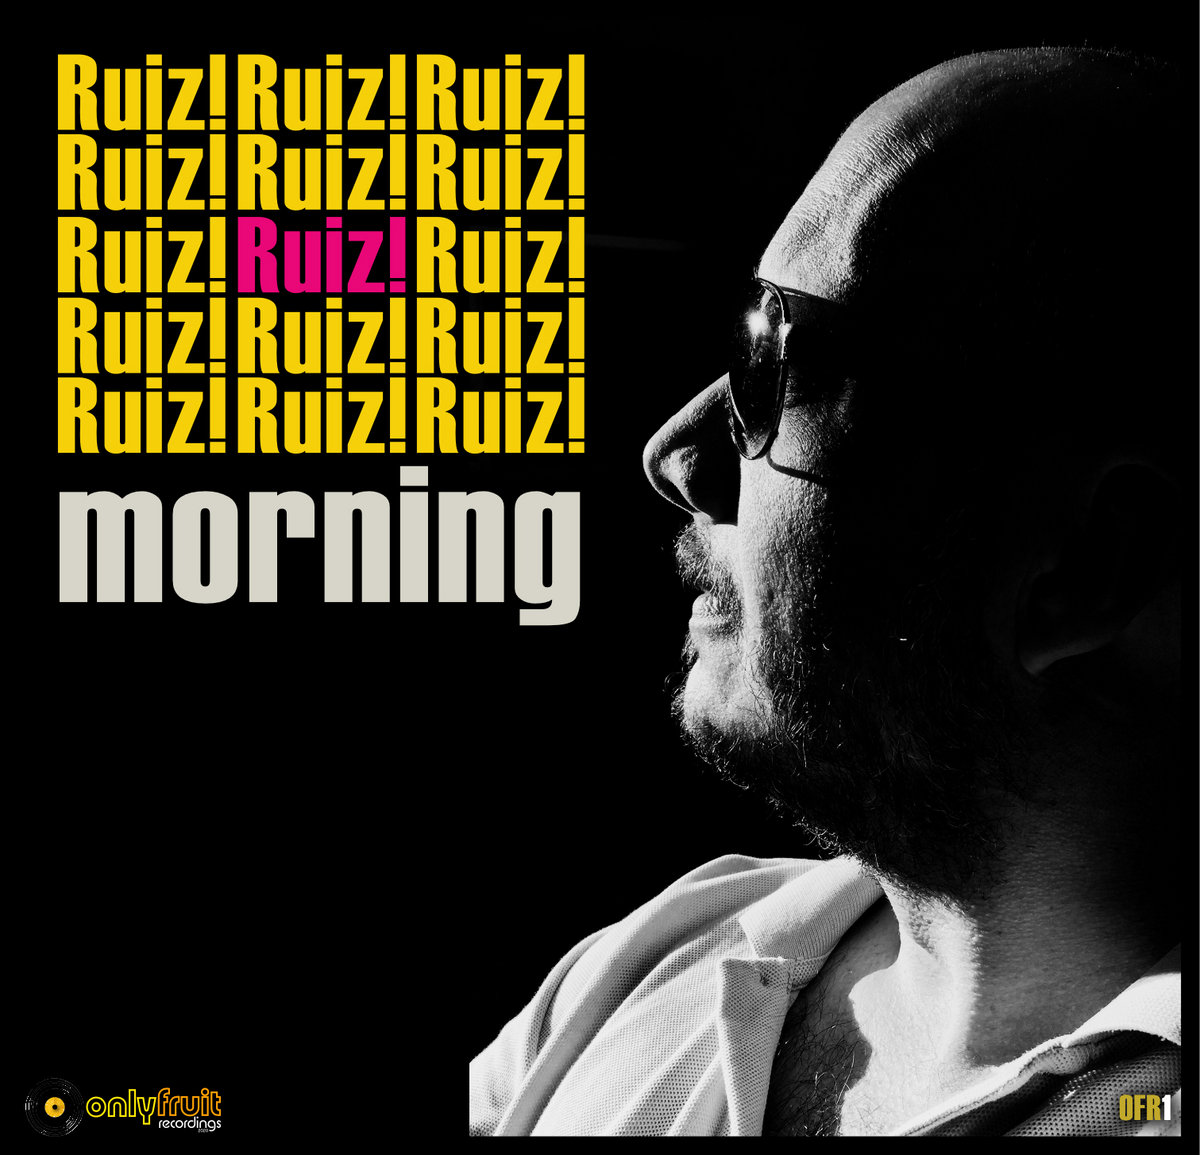 Morning by Ruiz!